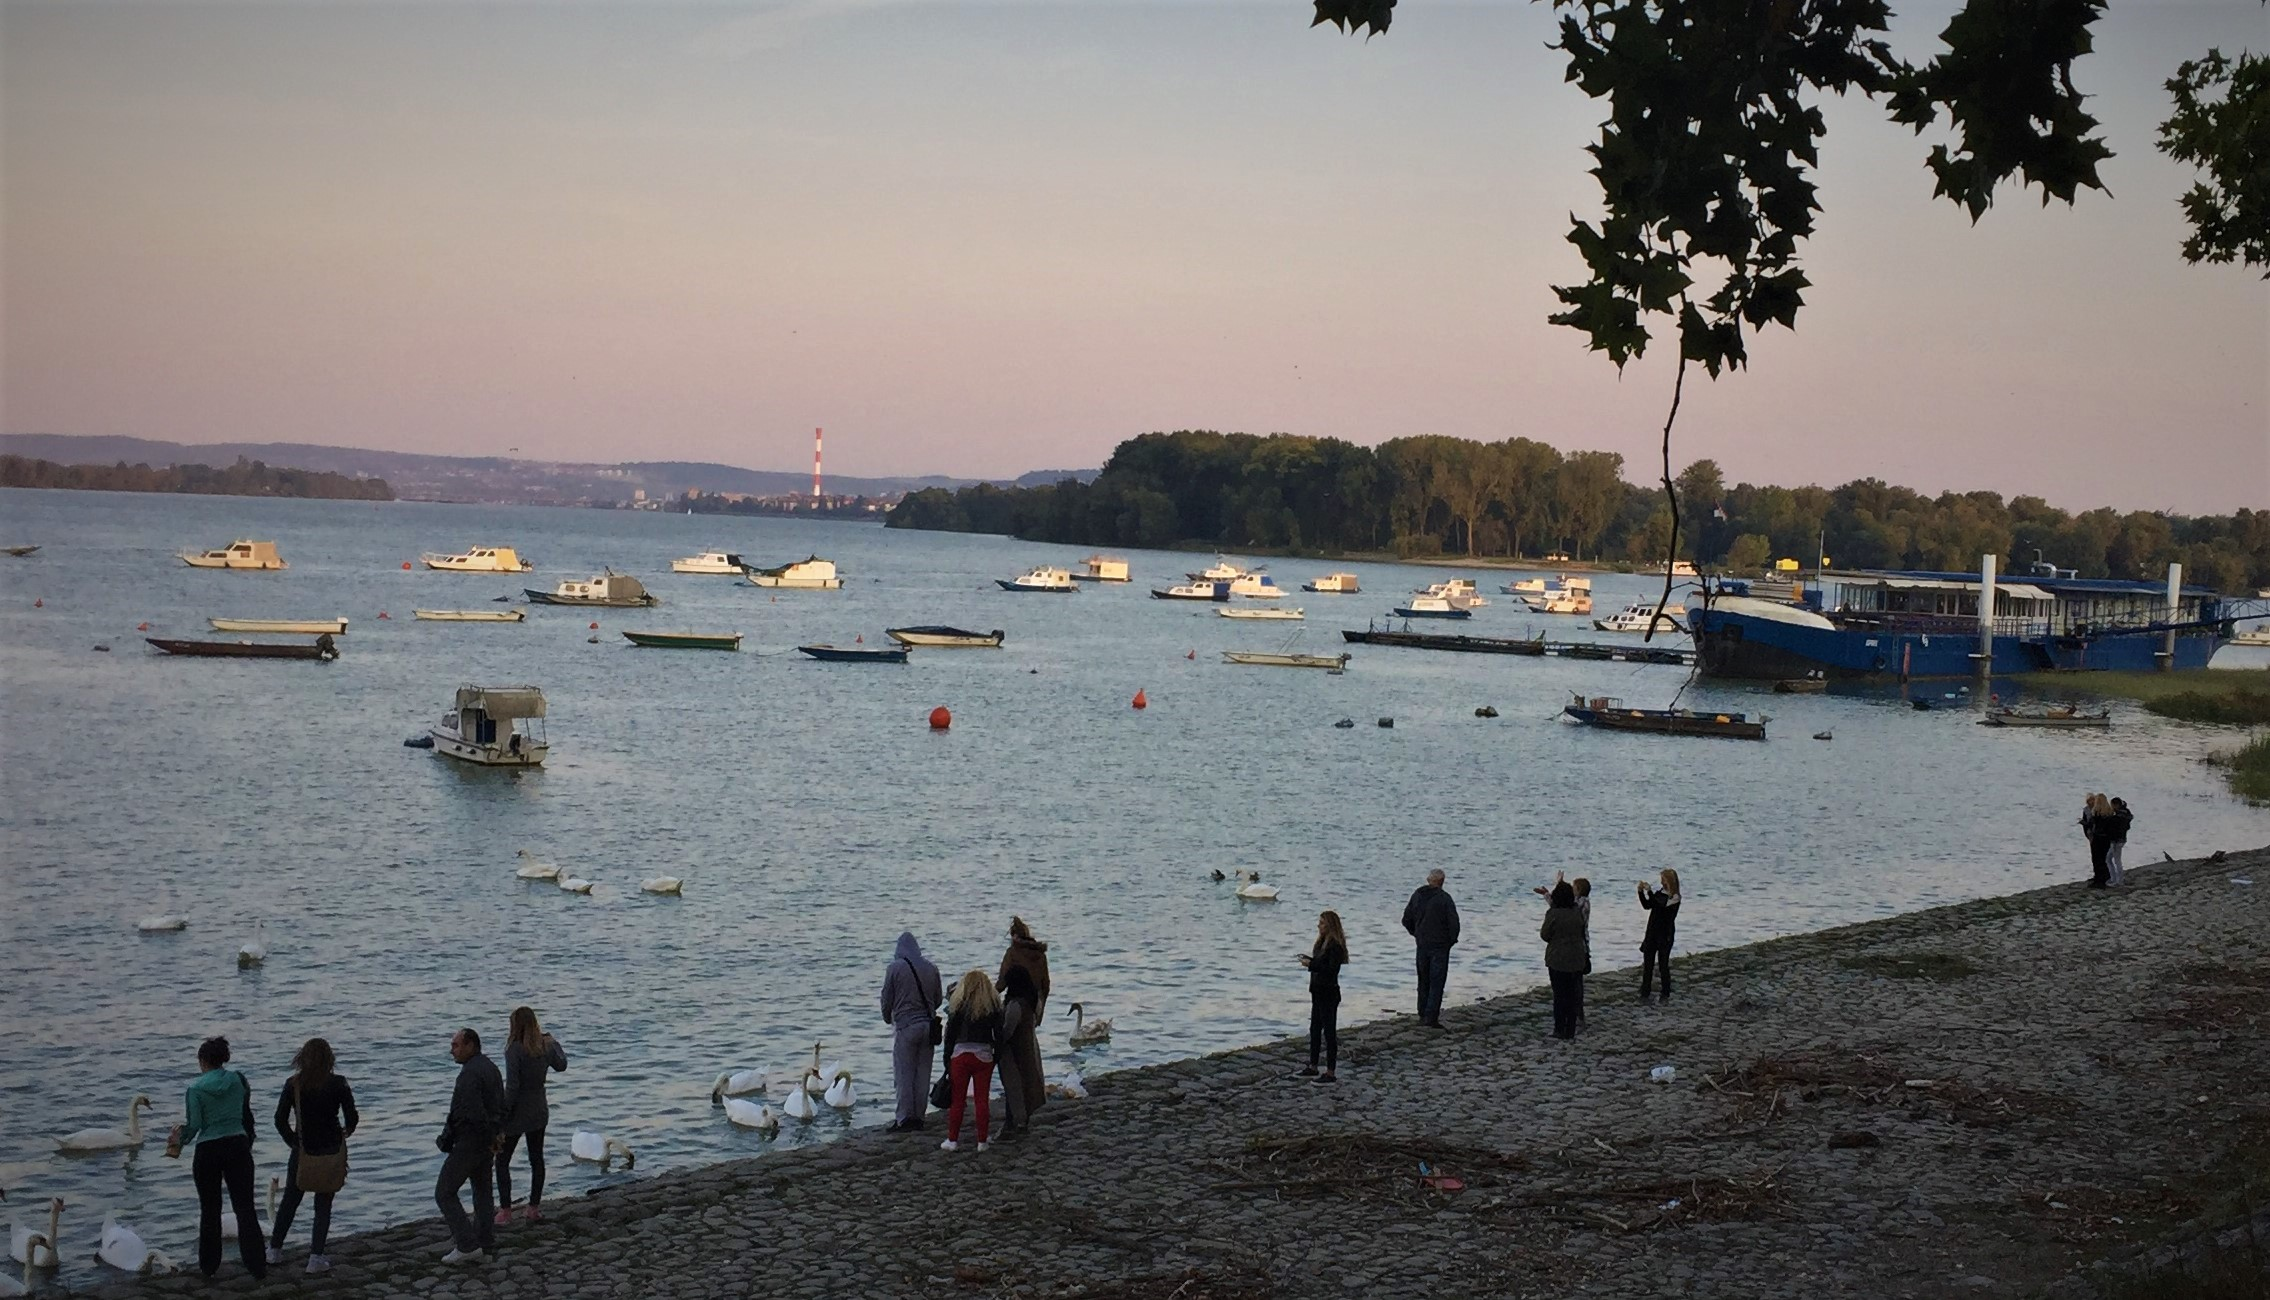 Sonntag, 1.10., 17.43 Uhr: Zemun/Kej osloboenja – Uferpromenade an der Donau und Sava.